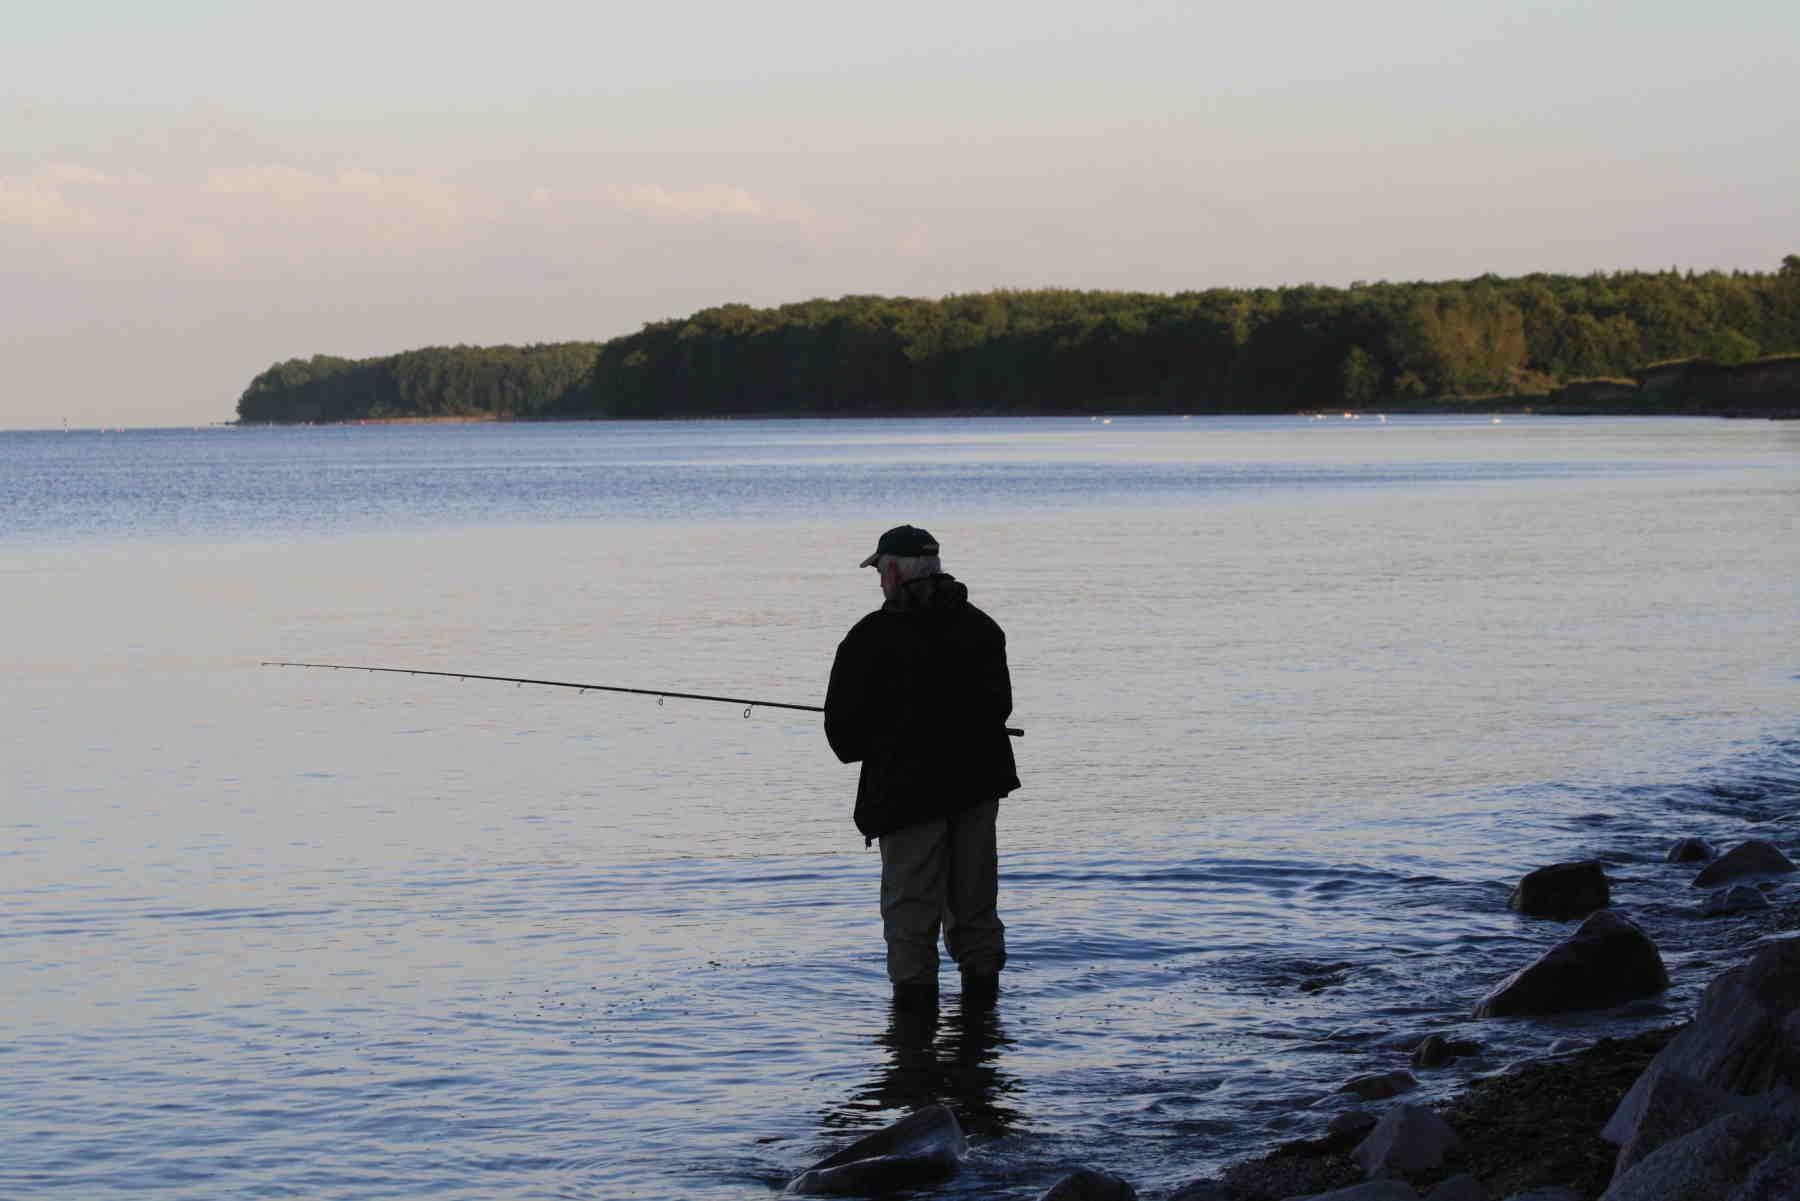 En lystfisker drømmer om havørred ved Skydebanen på Falster østkyst. Foto: Rasmus Juel Ditlefsen.